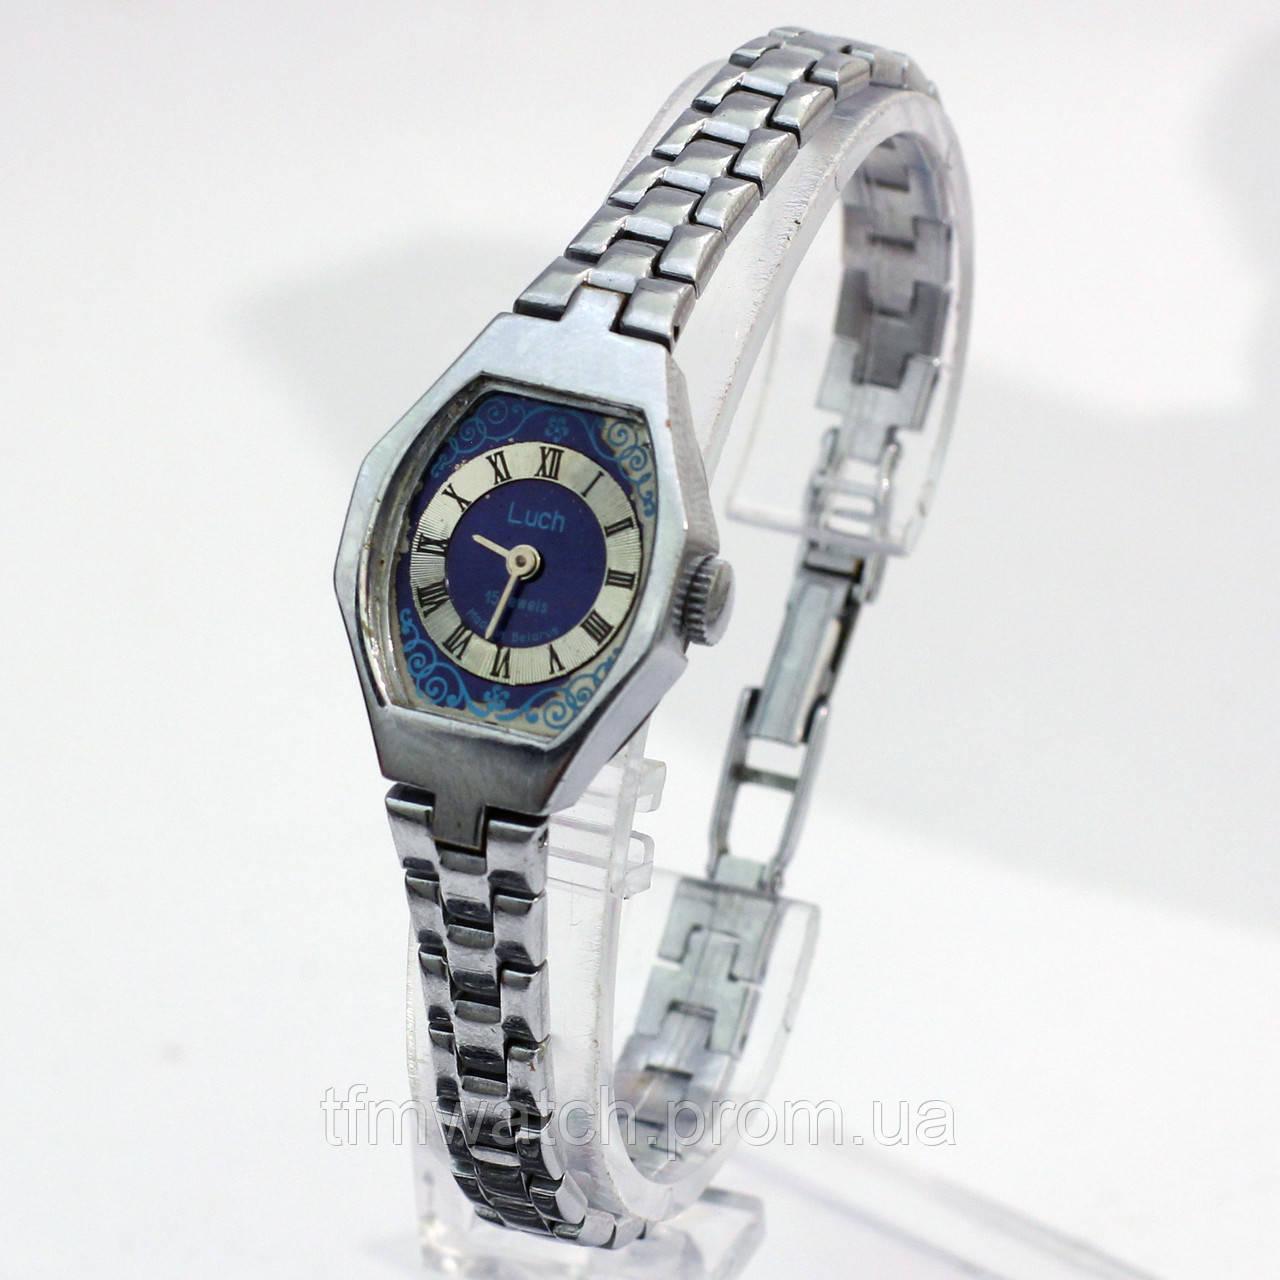 Наручные женские часы в беларуси купить часы б у в ростове